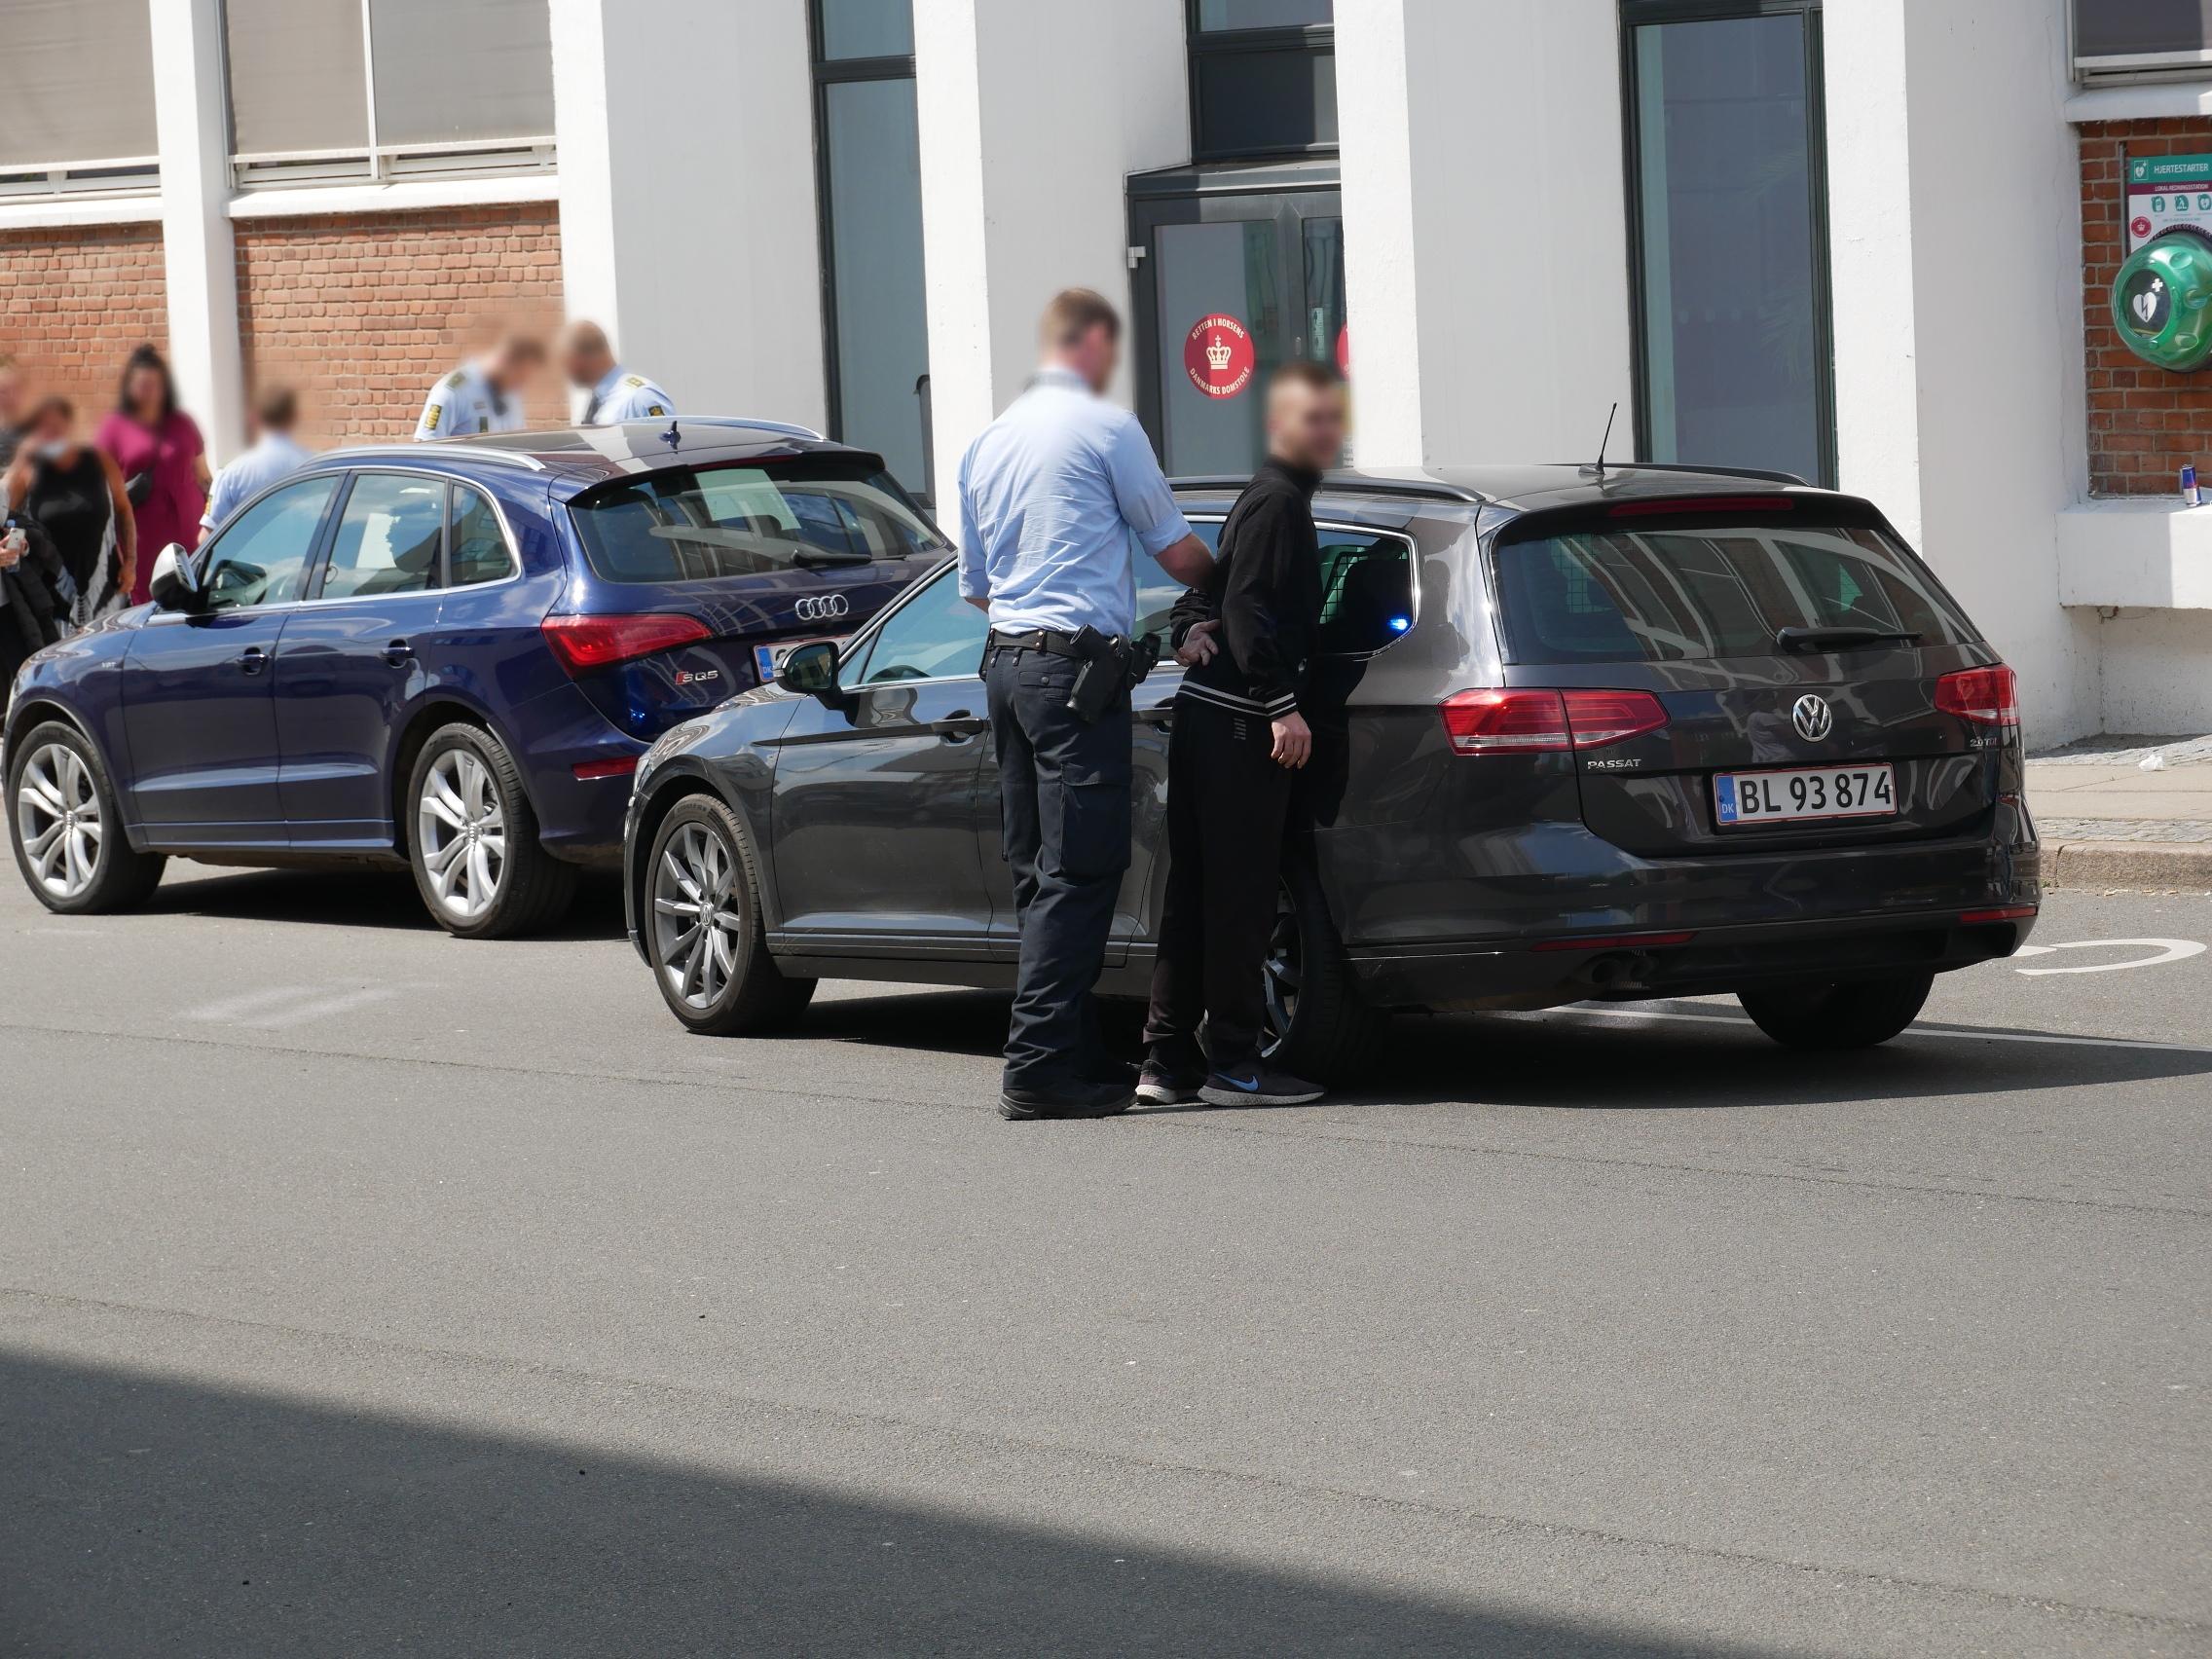 Uro og anholdelser foran retten i Horsens